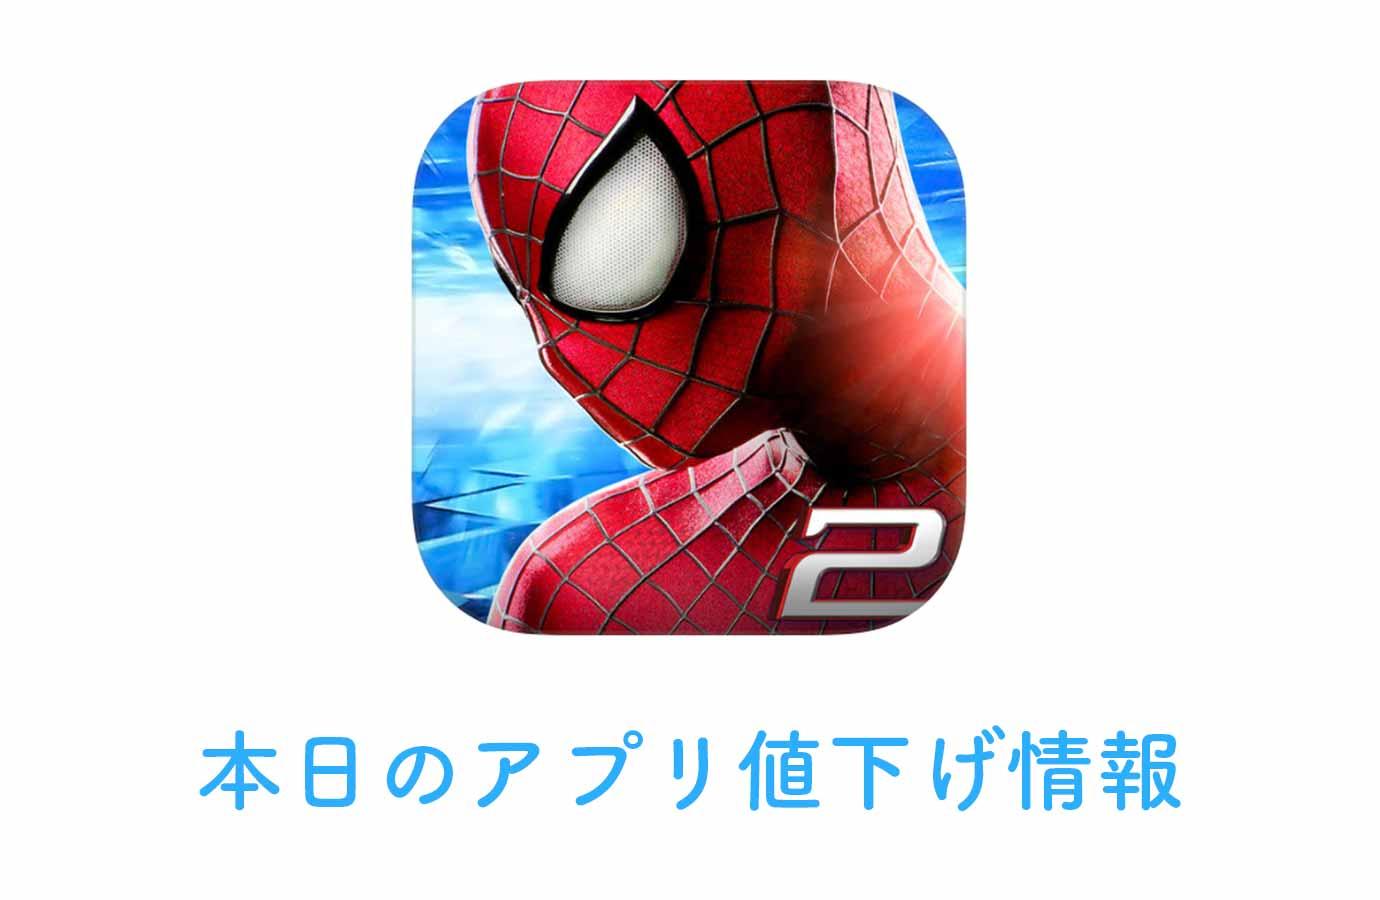 840円→120円!オープンワールドのニューヨークを自由自在に飛び回る「アメイジング・スパイダーマン2」など【12/8】アプリ値下げ情報